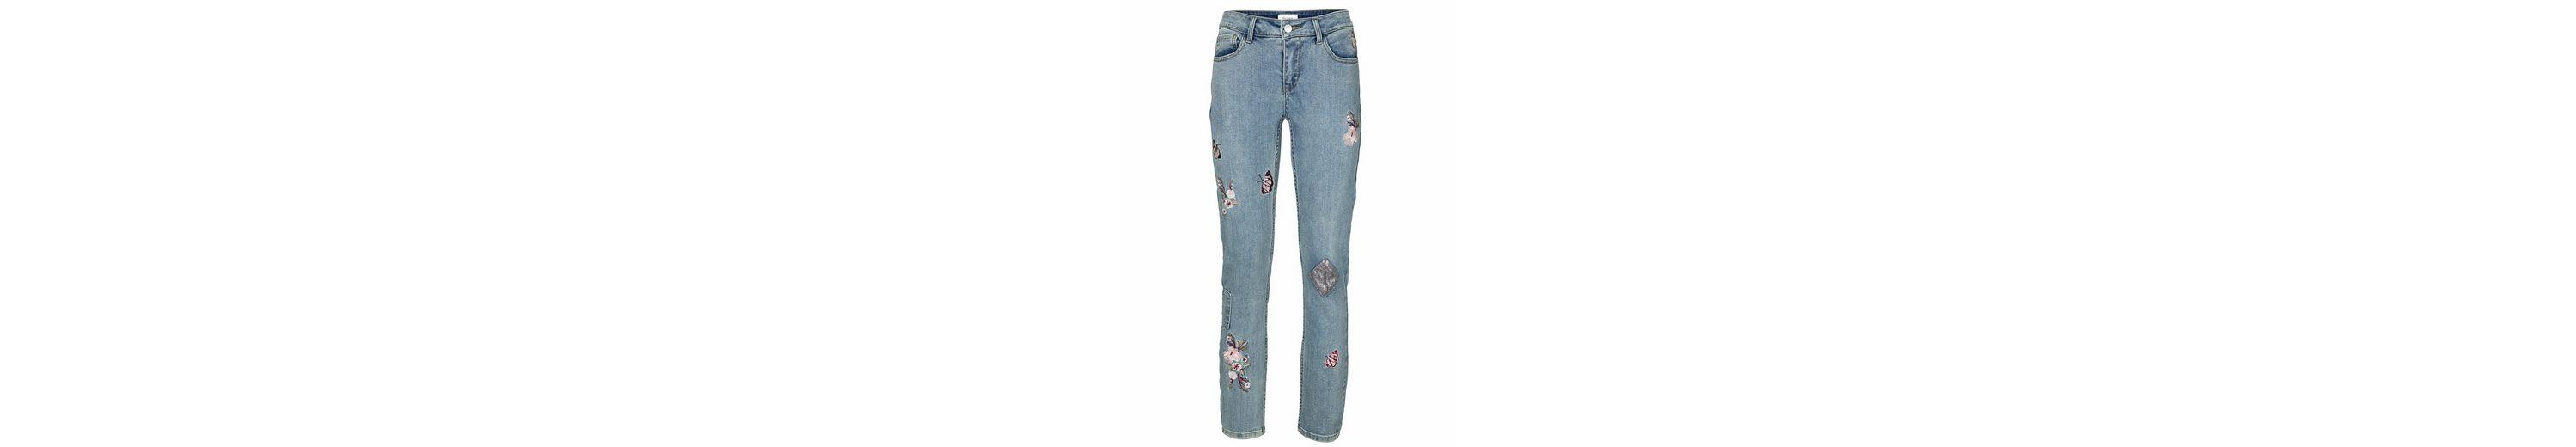 LINEA TESINI by Heine Jeans mit Stickerei Verkauf Niedrigster Preis Outlet-Store Online-Verkauf Die Offizielle Website Zum Verkauf aRQWwugWZf